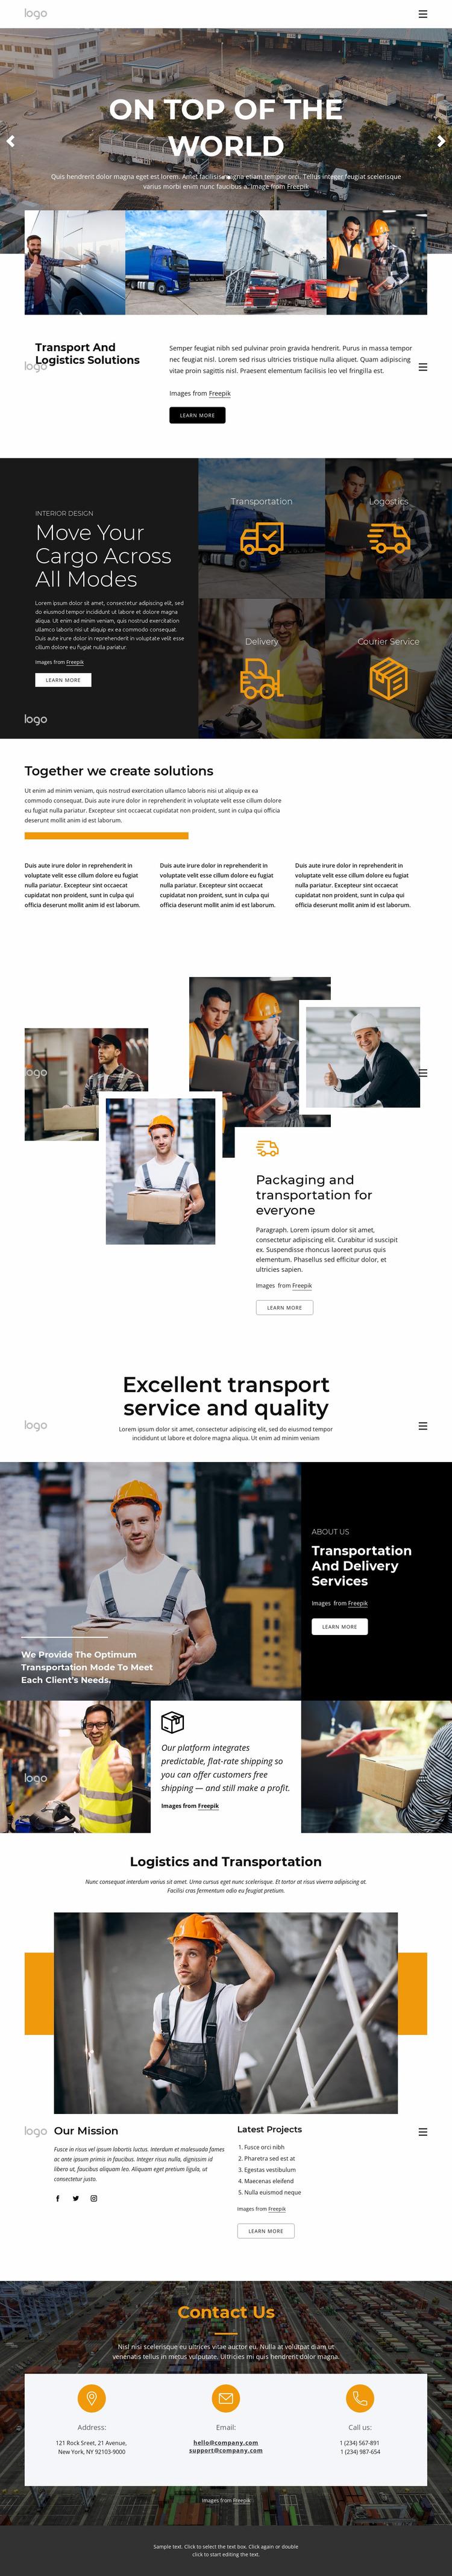 Transportation and logistics management Website Mockup